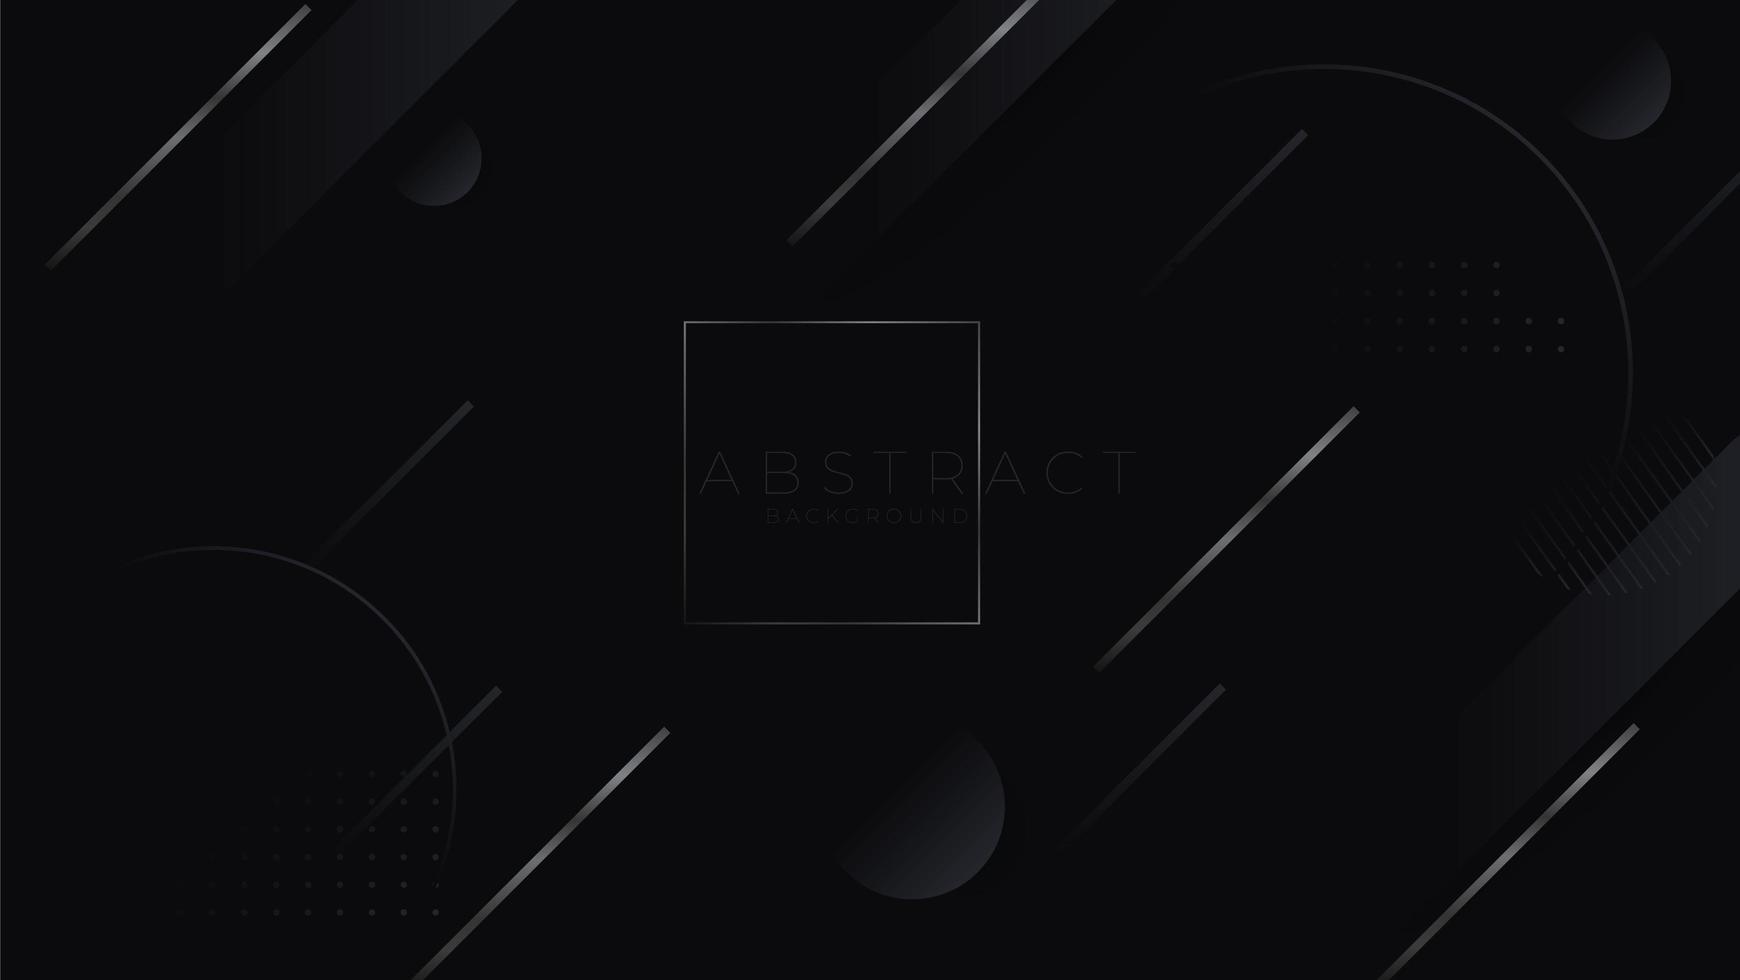 fond minimaliste abstrait noir avec une forme géométrique sombre. décoration design moderne éléments géométriques dégradés de luxe texturés vecteur